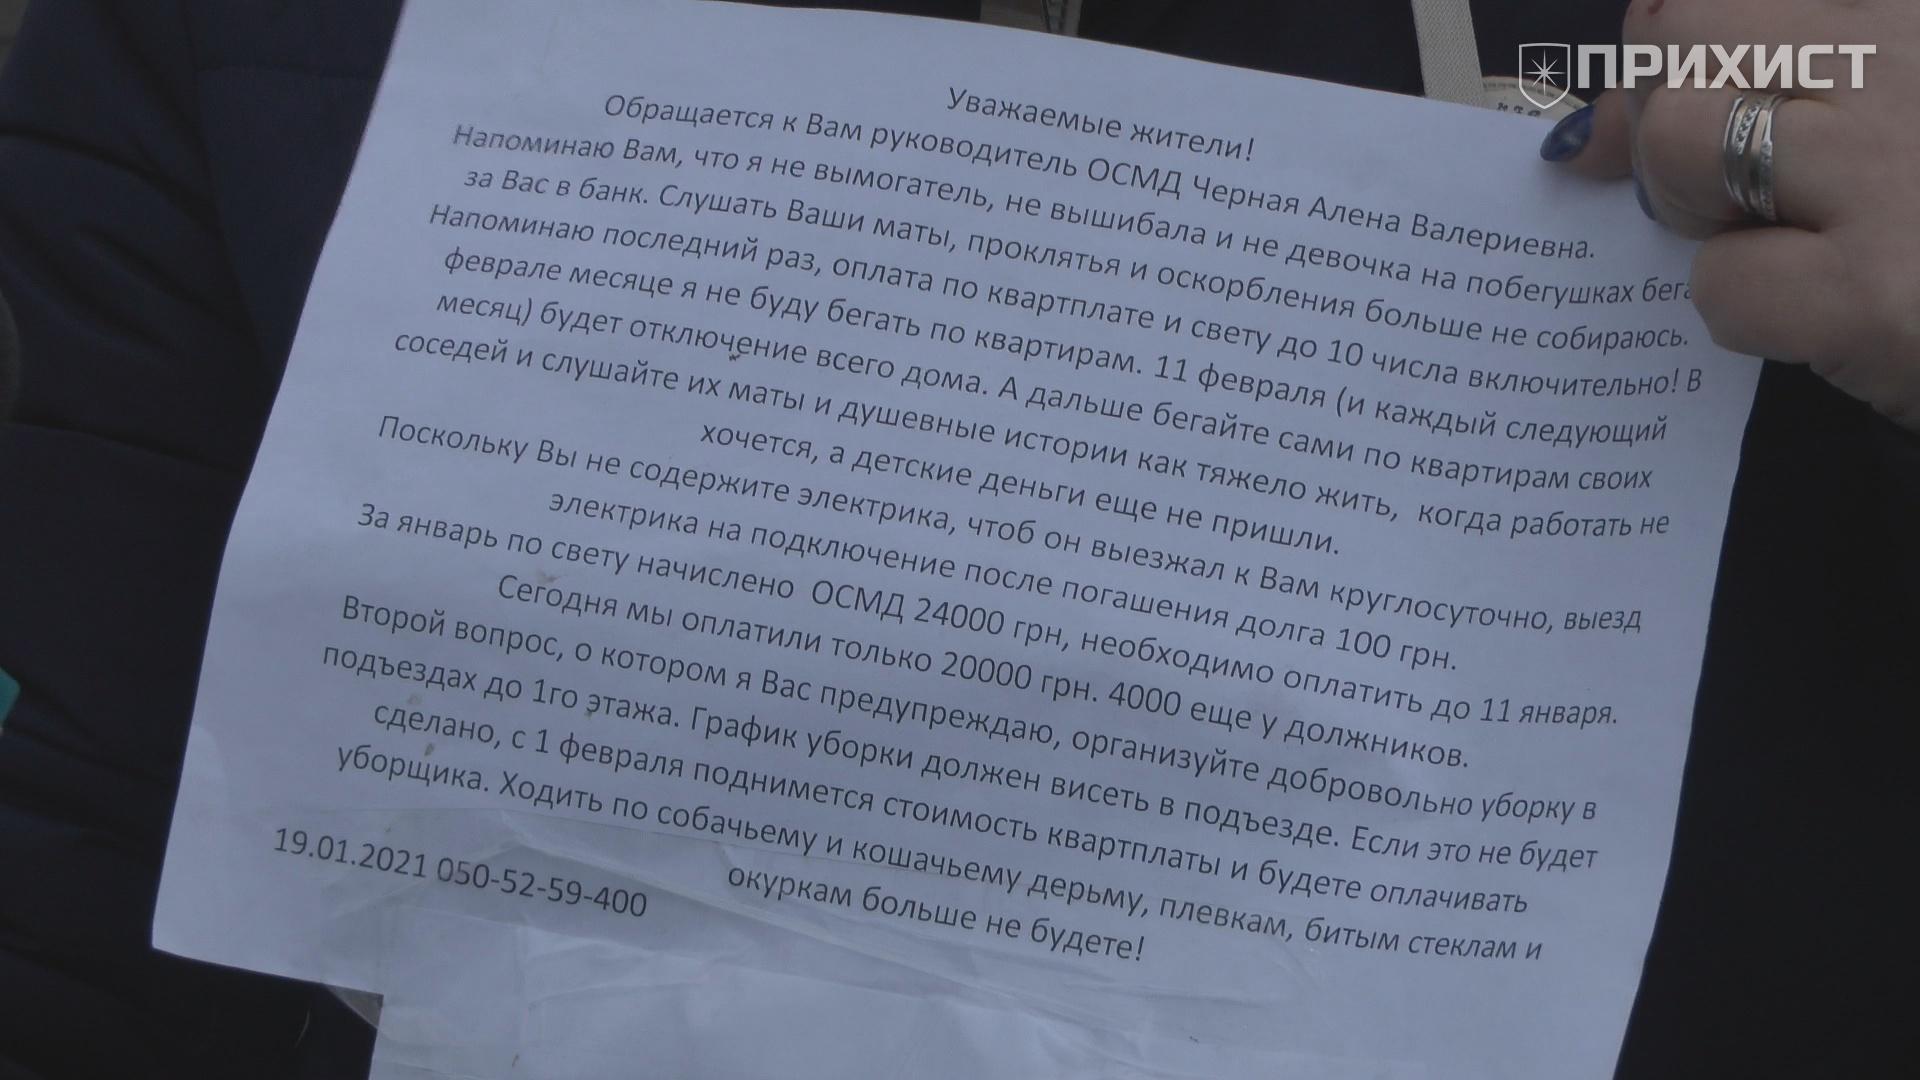 Из-за долга председатель ОСМД отключила электроэнергию в общежитии   Прихист